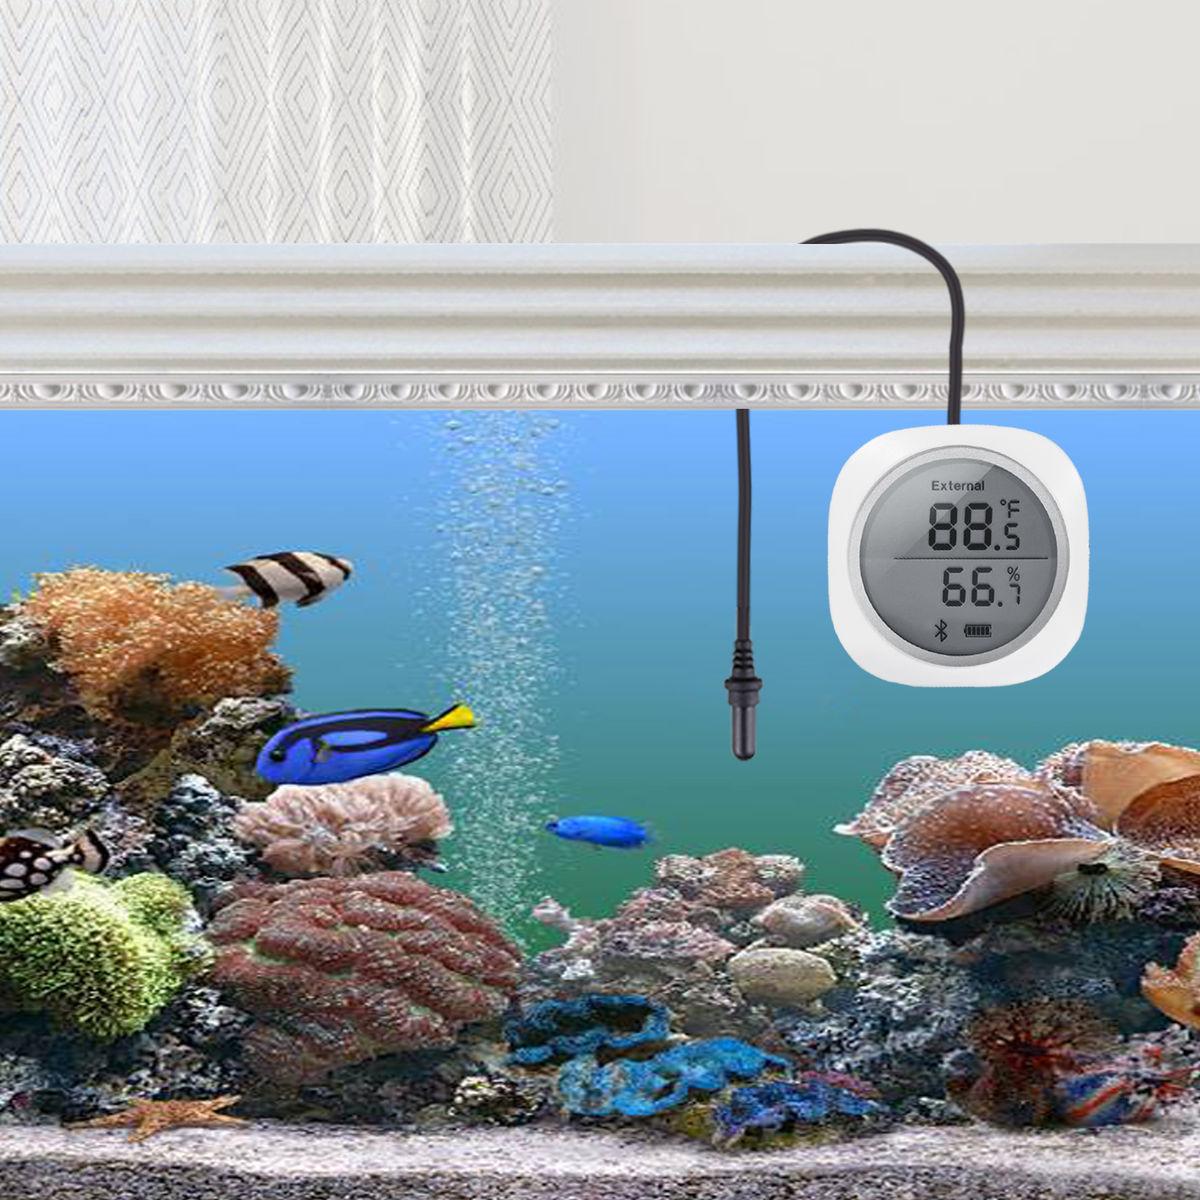 水温も測定できる